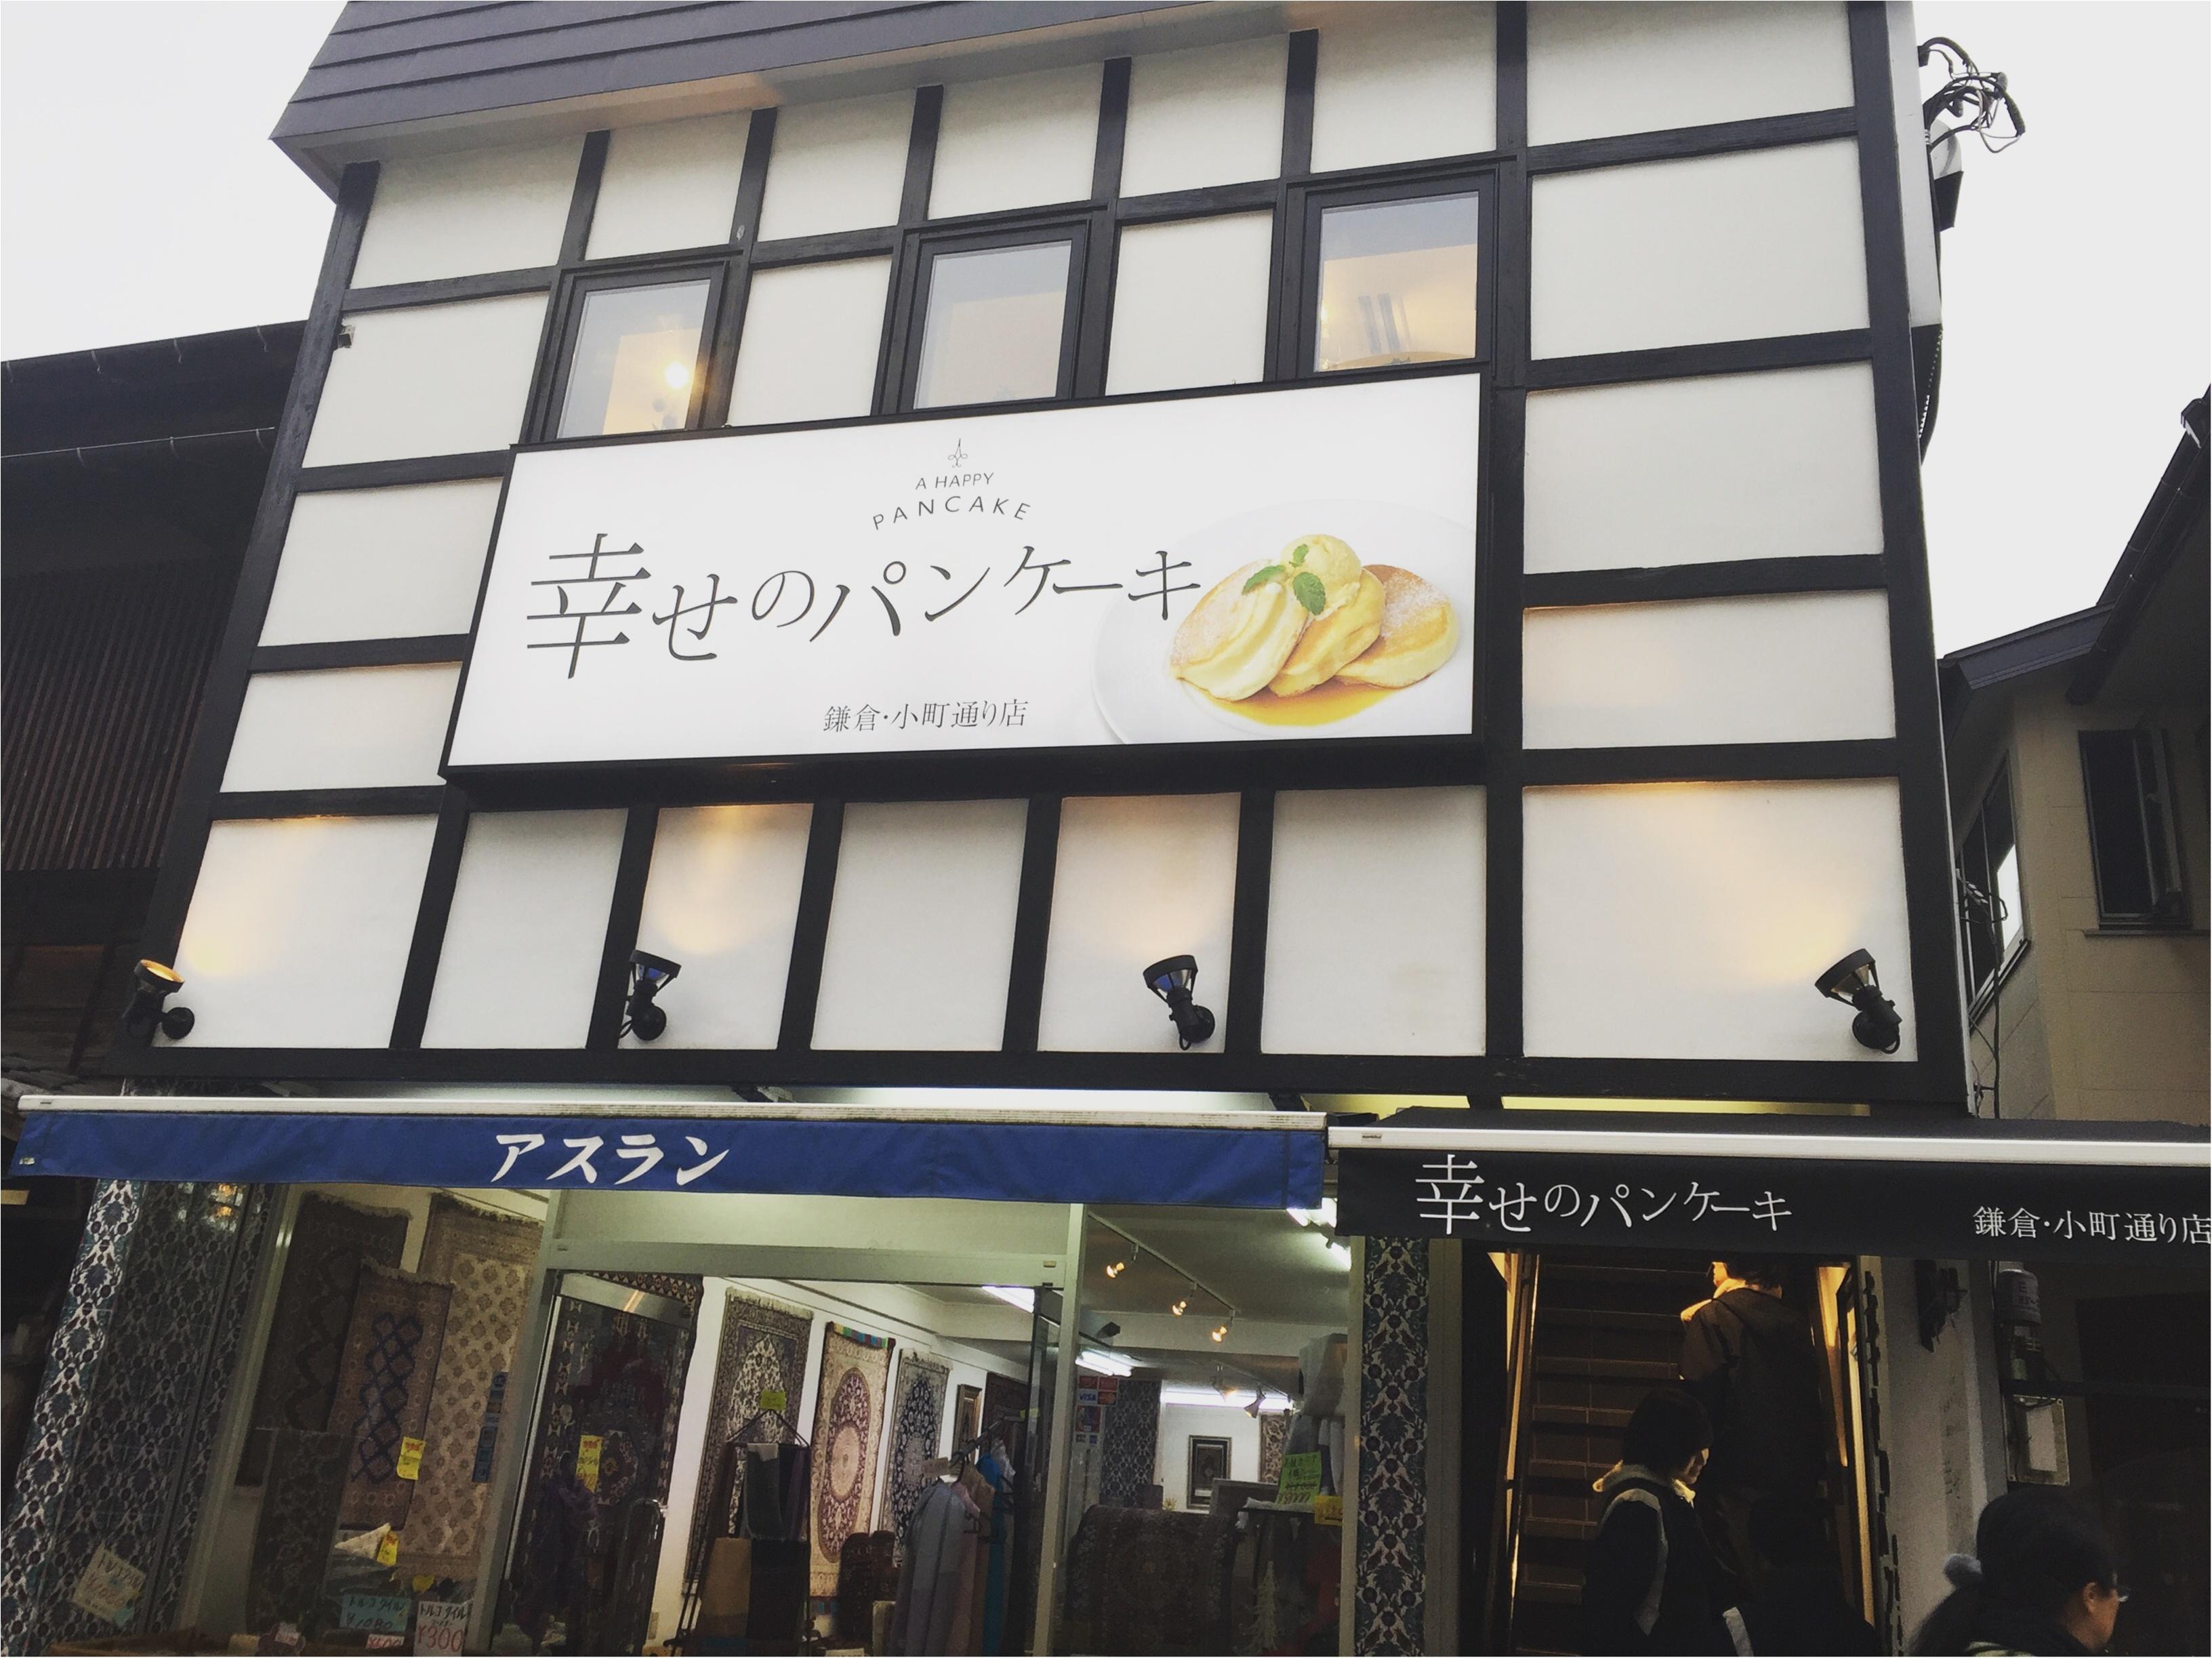 大人気!幸せのパンケーキ♡日曜日に待ち時間15分程で入店できました((´∀`*))✨≪samenyan≫_1